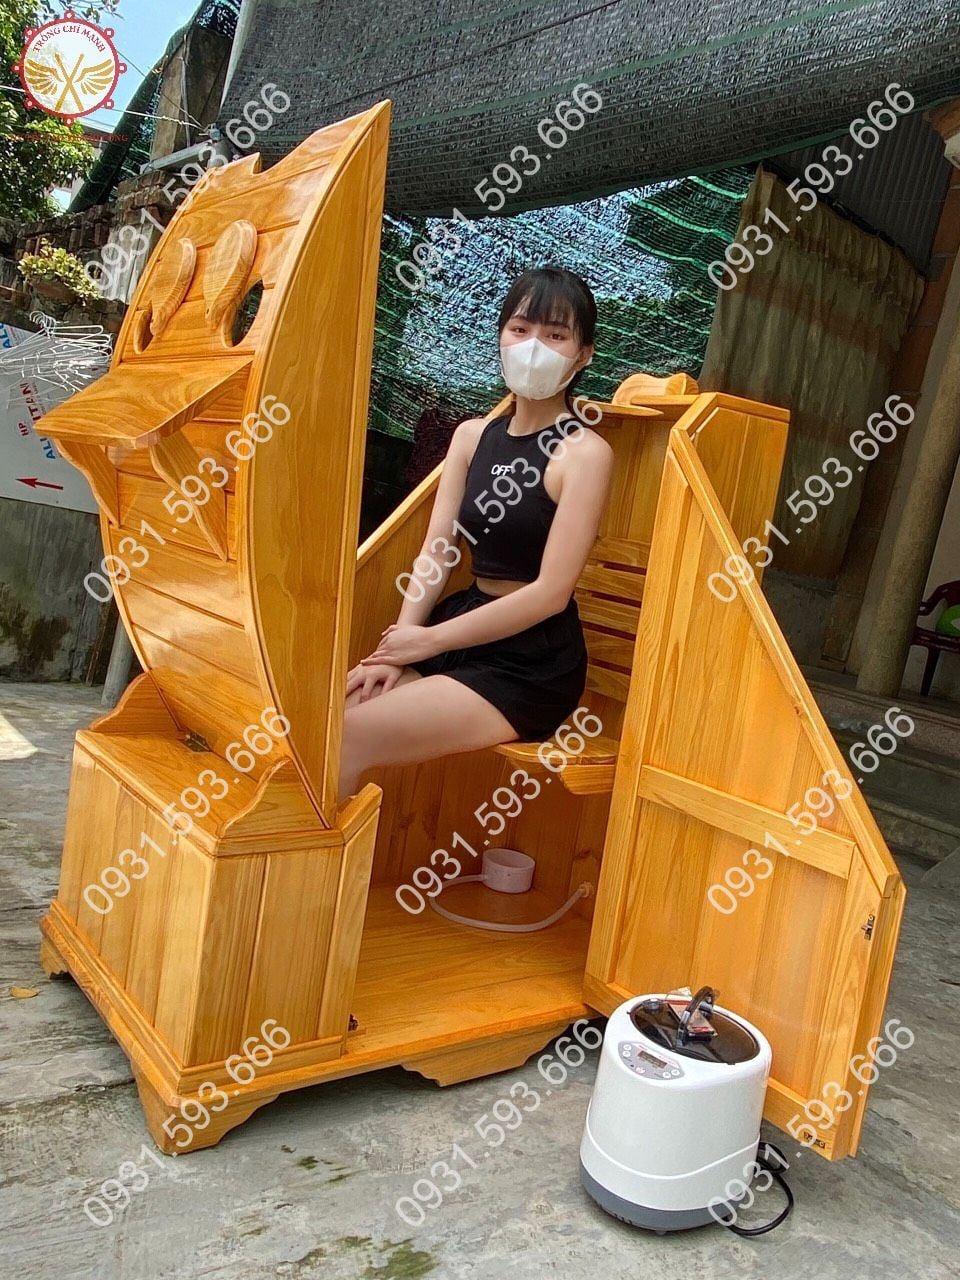 Cabin buồng gỗ xông hơi Trống Chí Mạnh